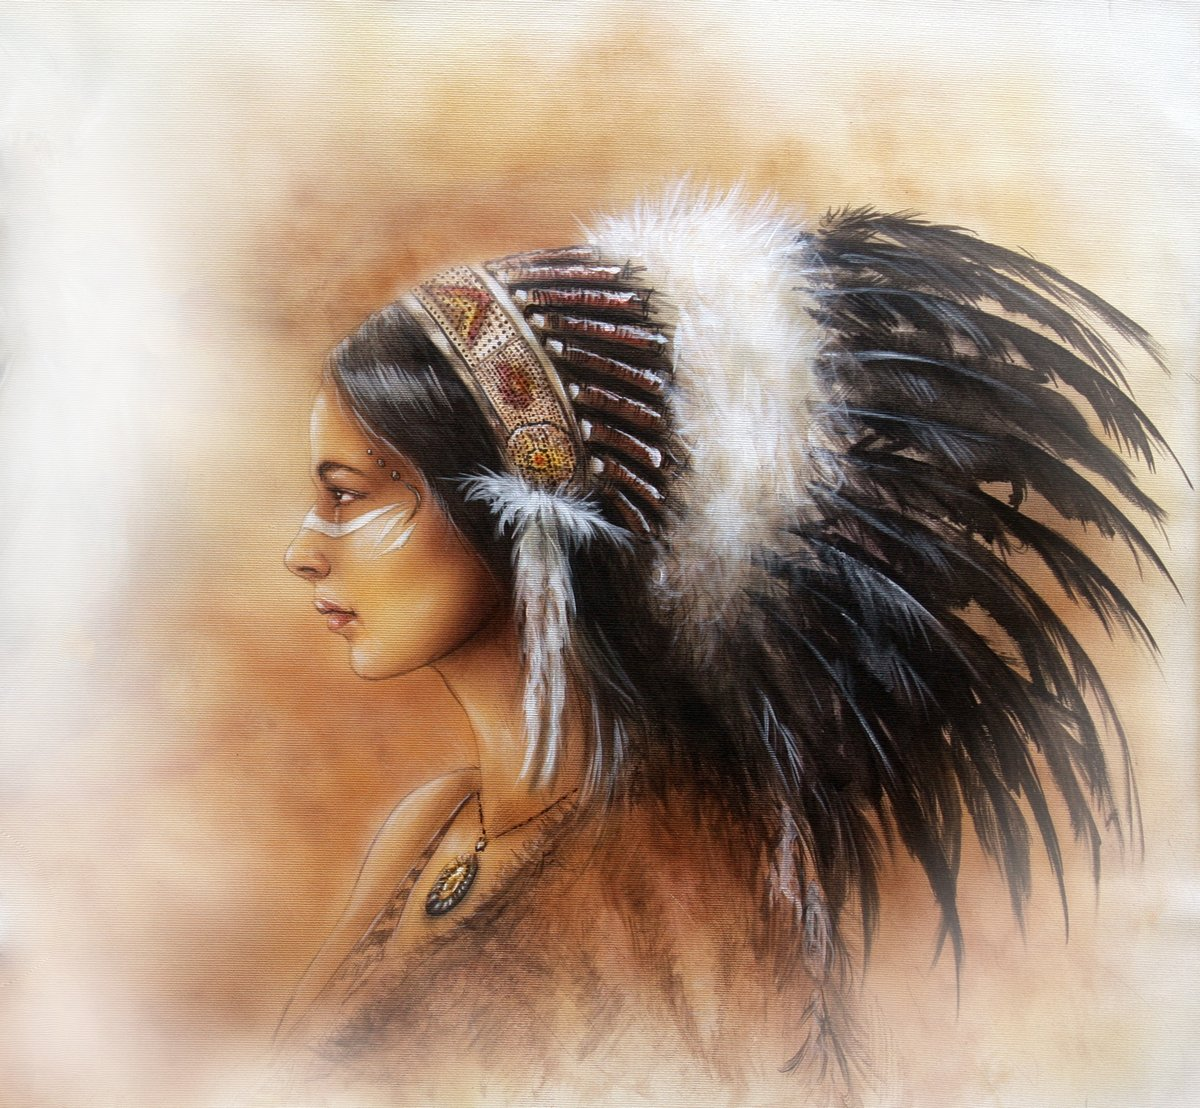 Постер Молодая индийская женщина носит большой головной убор из перьев, профиль пИндейцы<br>Постер на холсте или бумаге. Любого нужного вам размера. В раме или без. Подвес в комплекте. Трехслойная надежная упаковка. Доставим в любую точку России. Вам осталось только повесить картину на стену!<br>